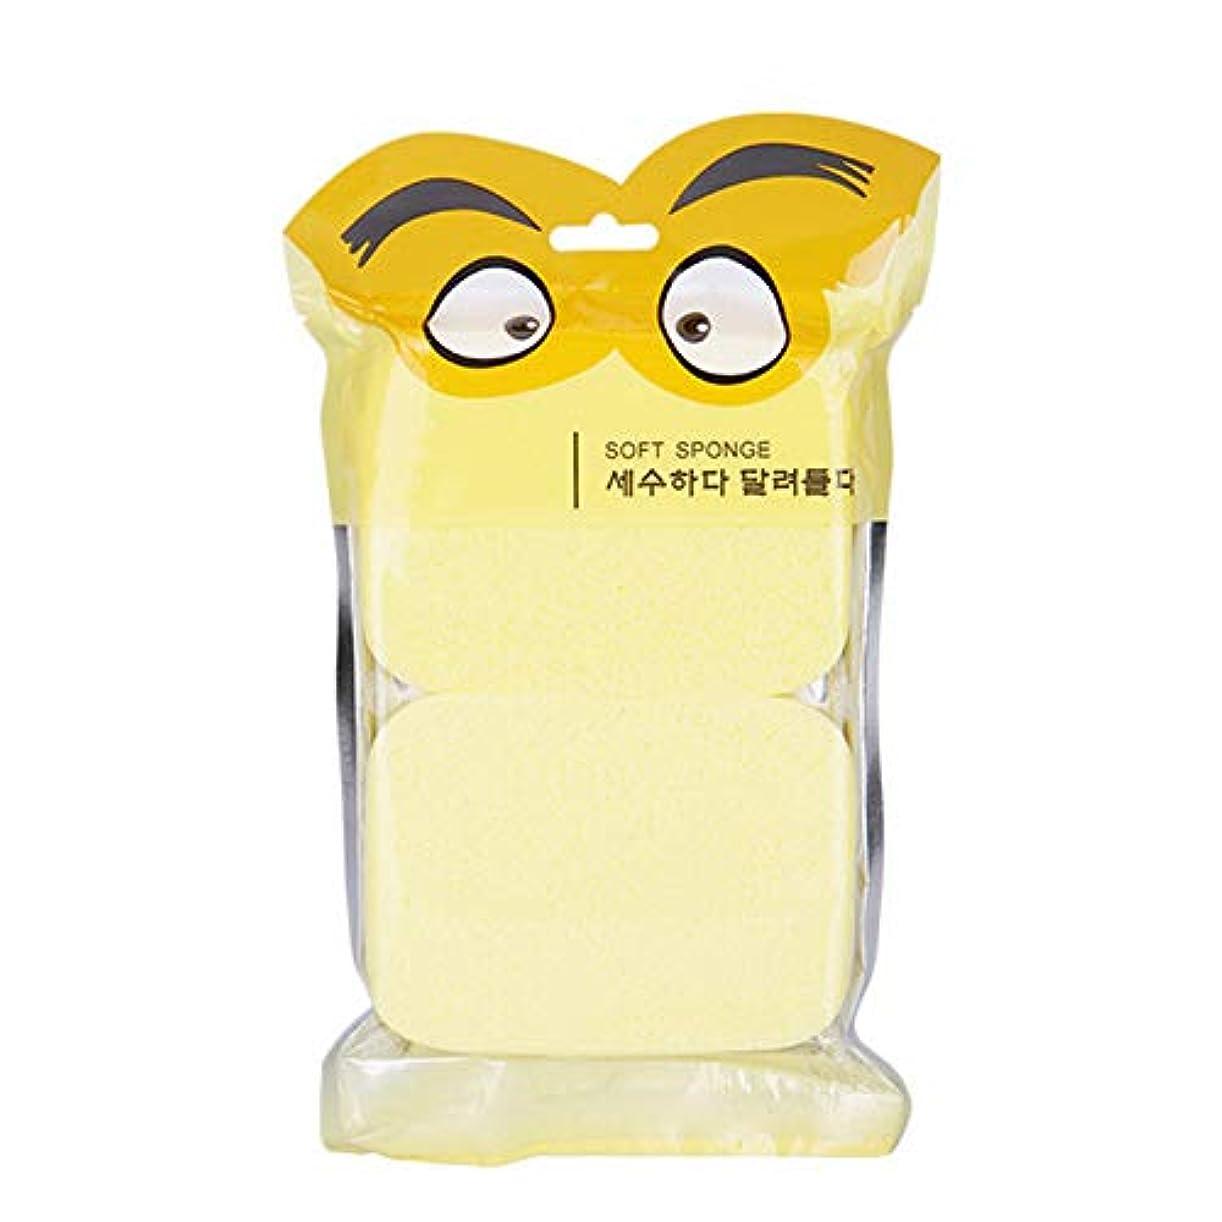 想像するカブ遅れDOMO 洗顔パフ ナチュラルで柔らかい ディープクリーニング 補助 角栓?角質 お肌すっきり パフ